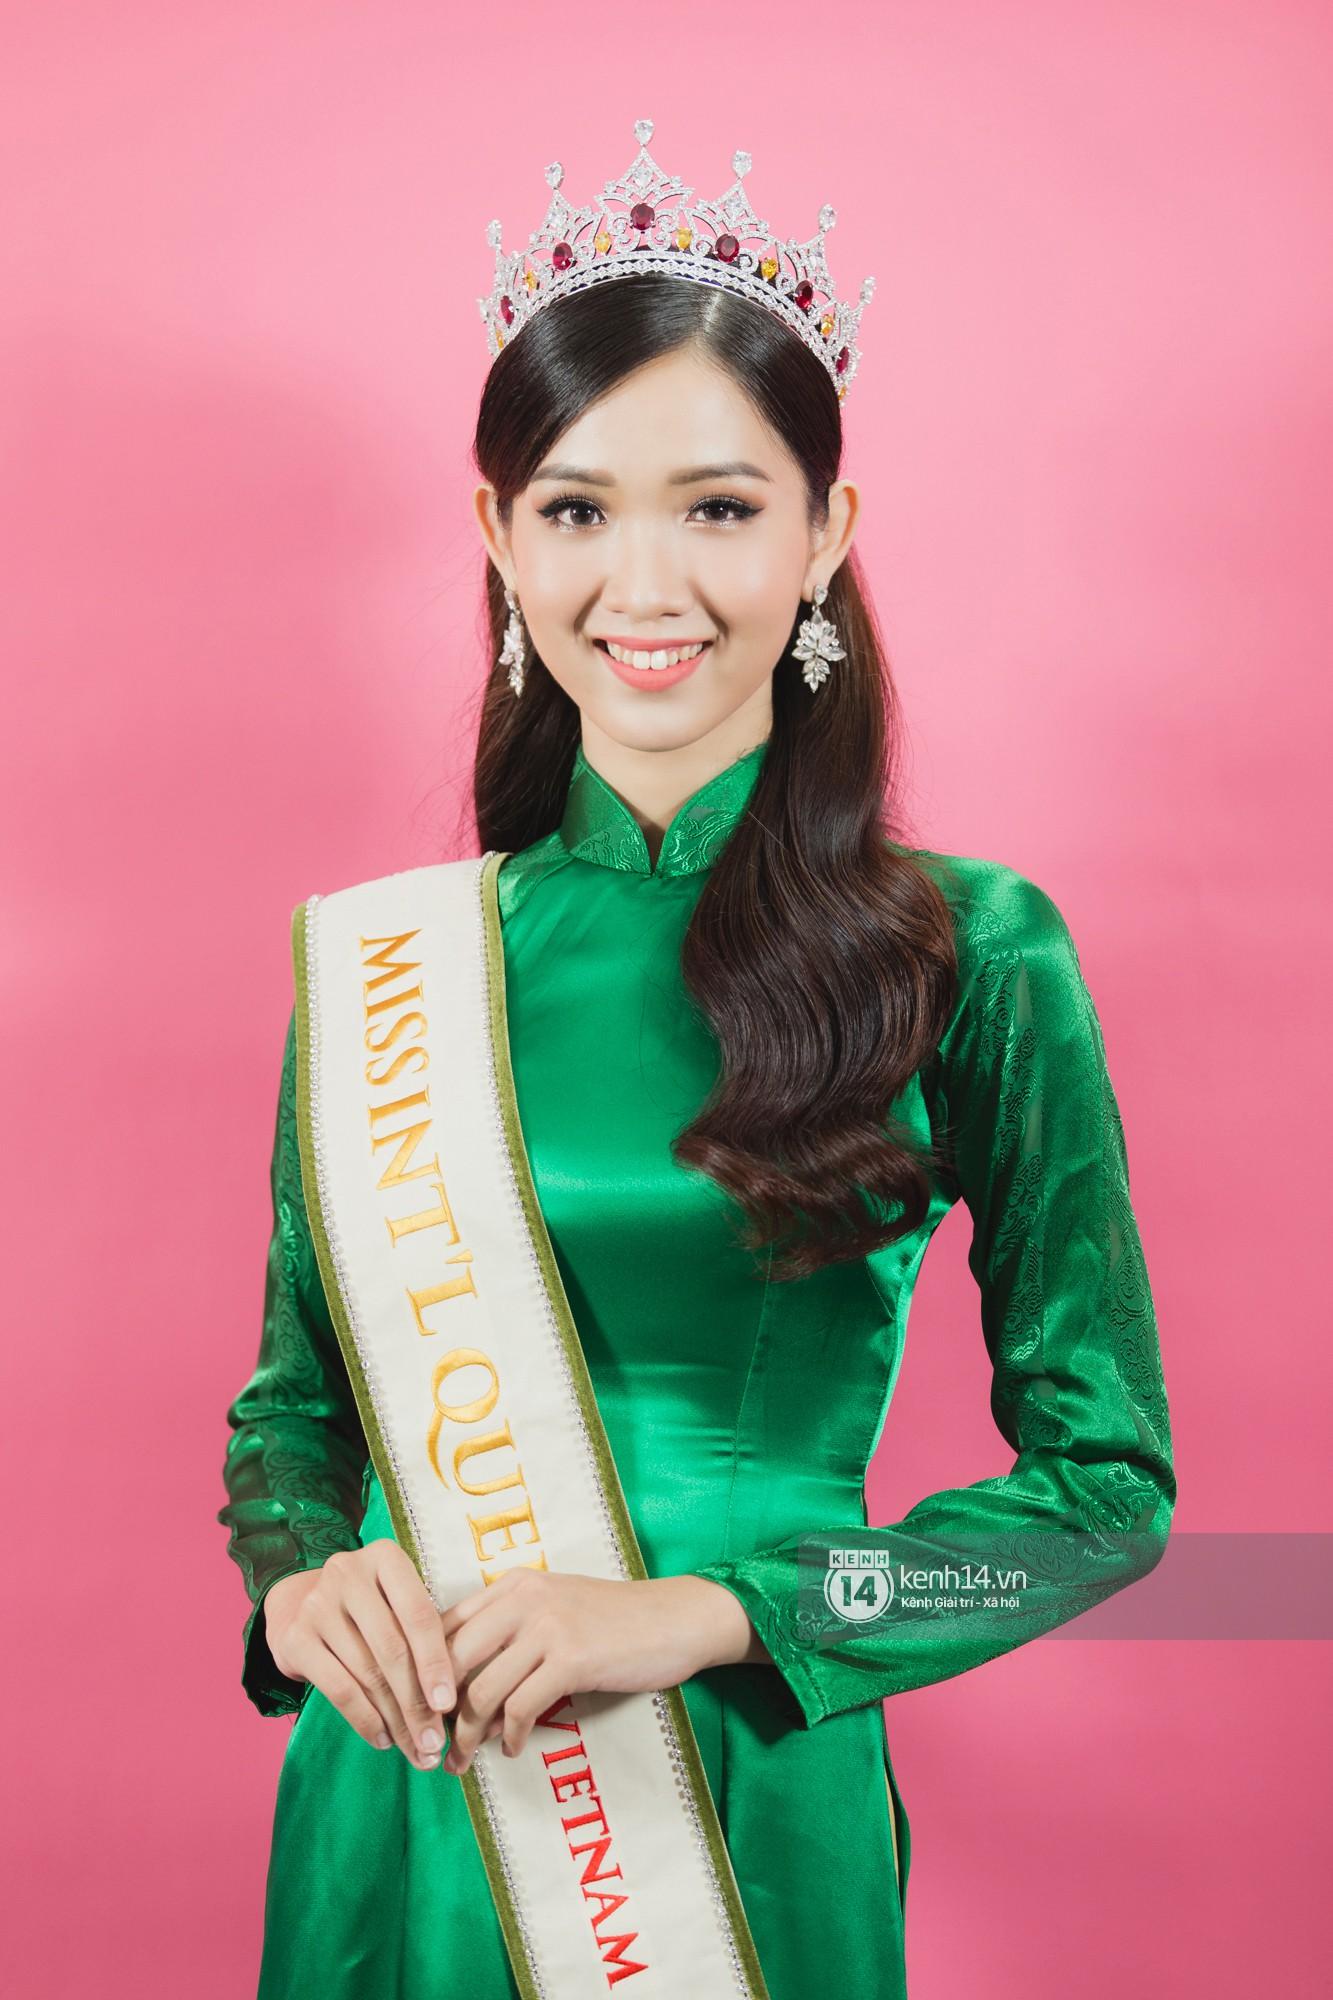 Quán quân The Tiffany Vietnam Nhật Hà diện áo dài đọ sắc cùng Hoa hậu Hương Giang và Á hậu Yoshi - Ảnh 12.